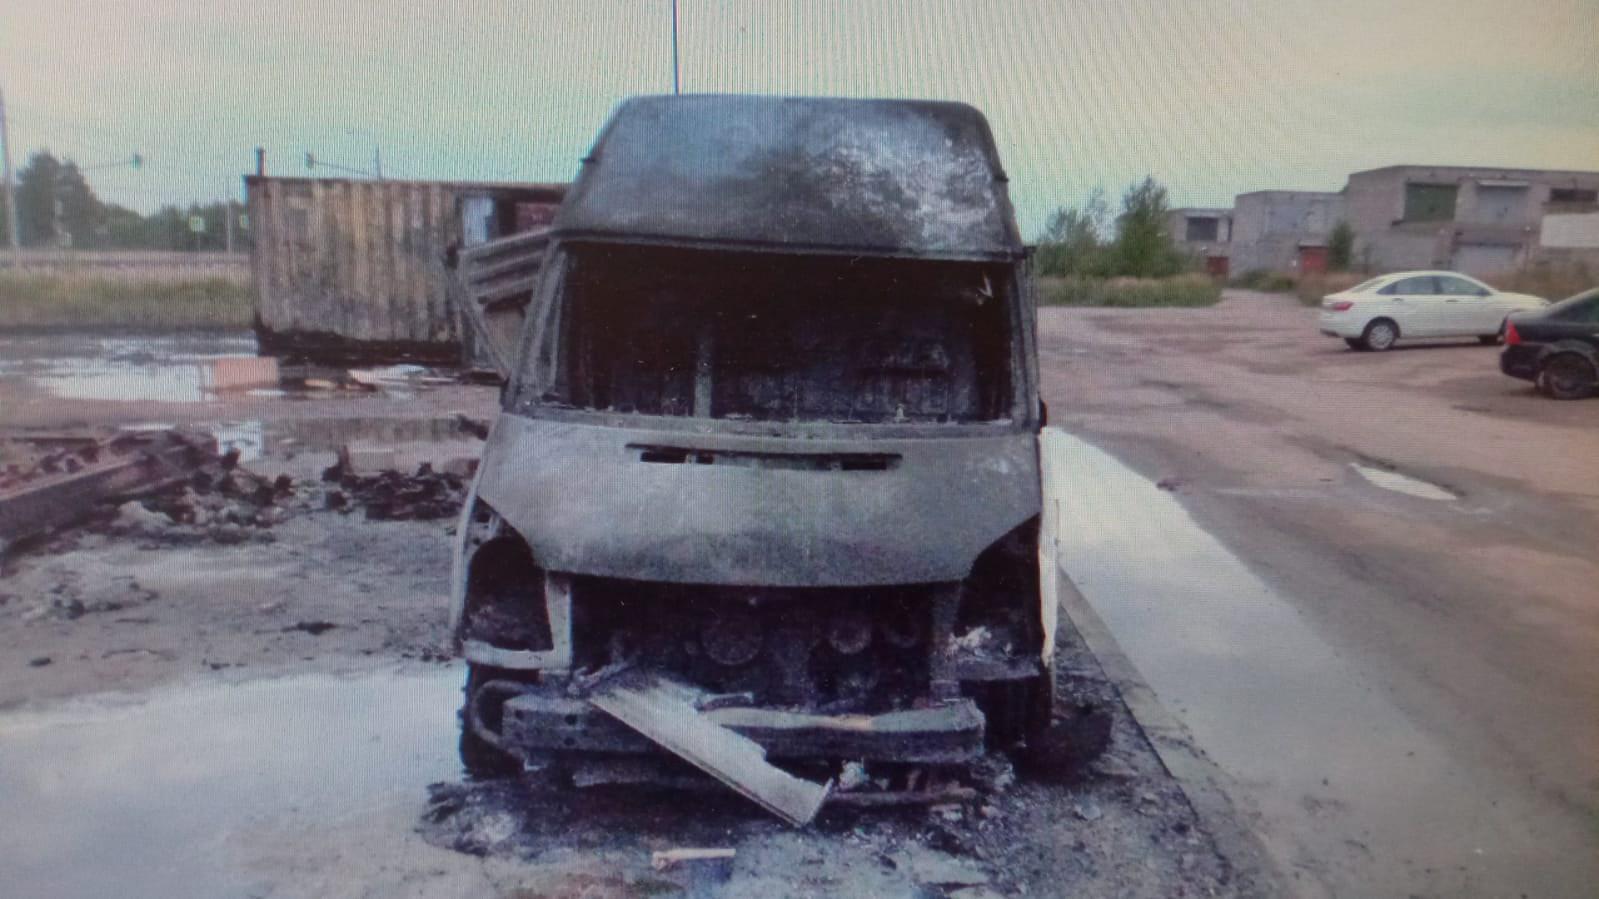 «Кустарная» АЗС: в Ярославле возбудили уголовное дело после взрыва у овощебазы